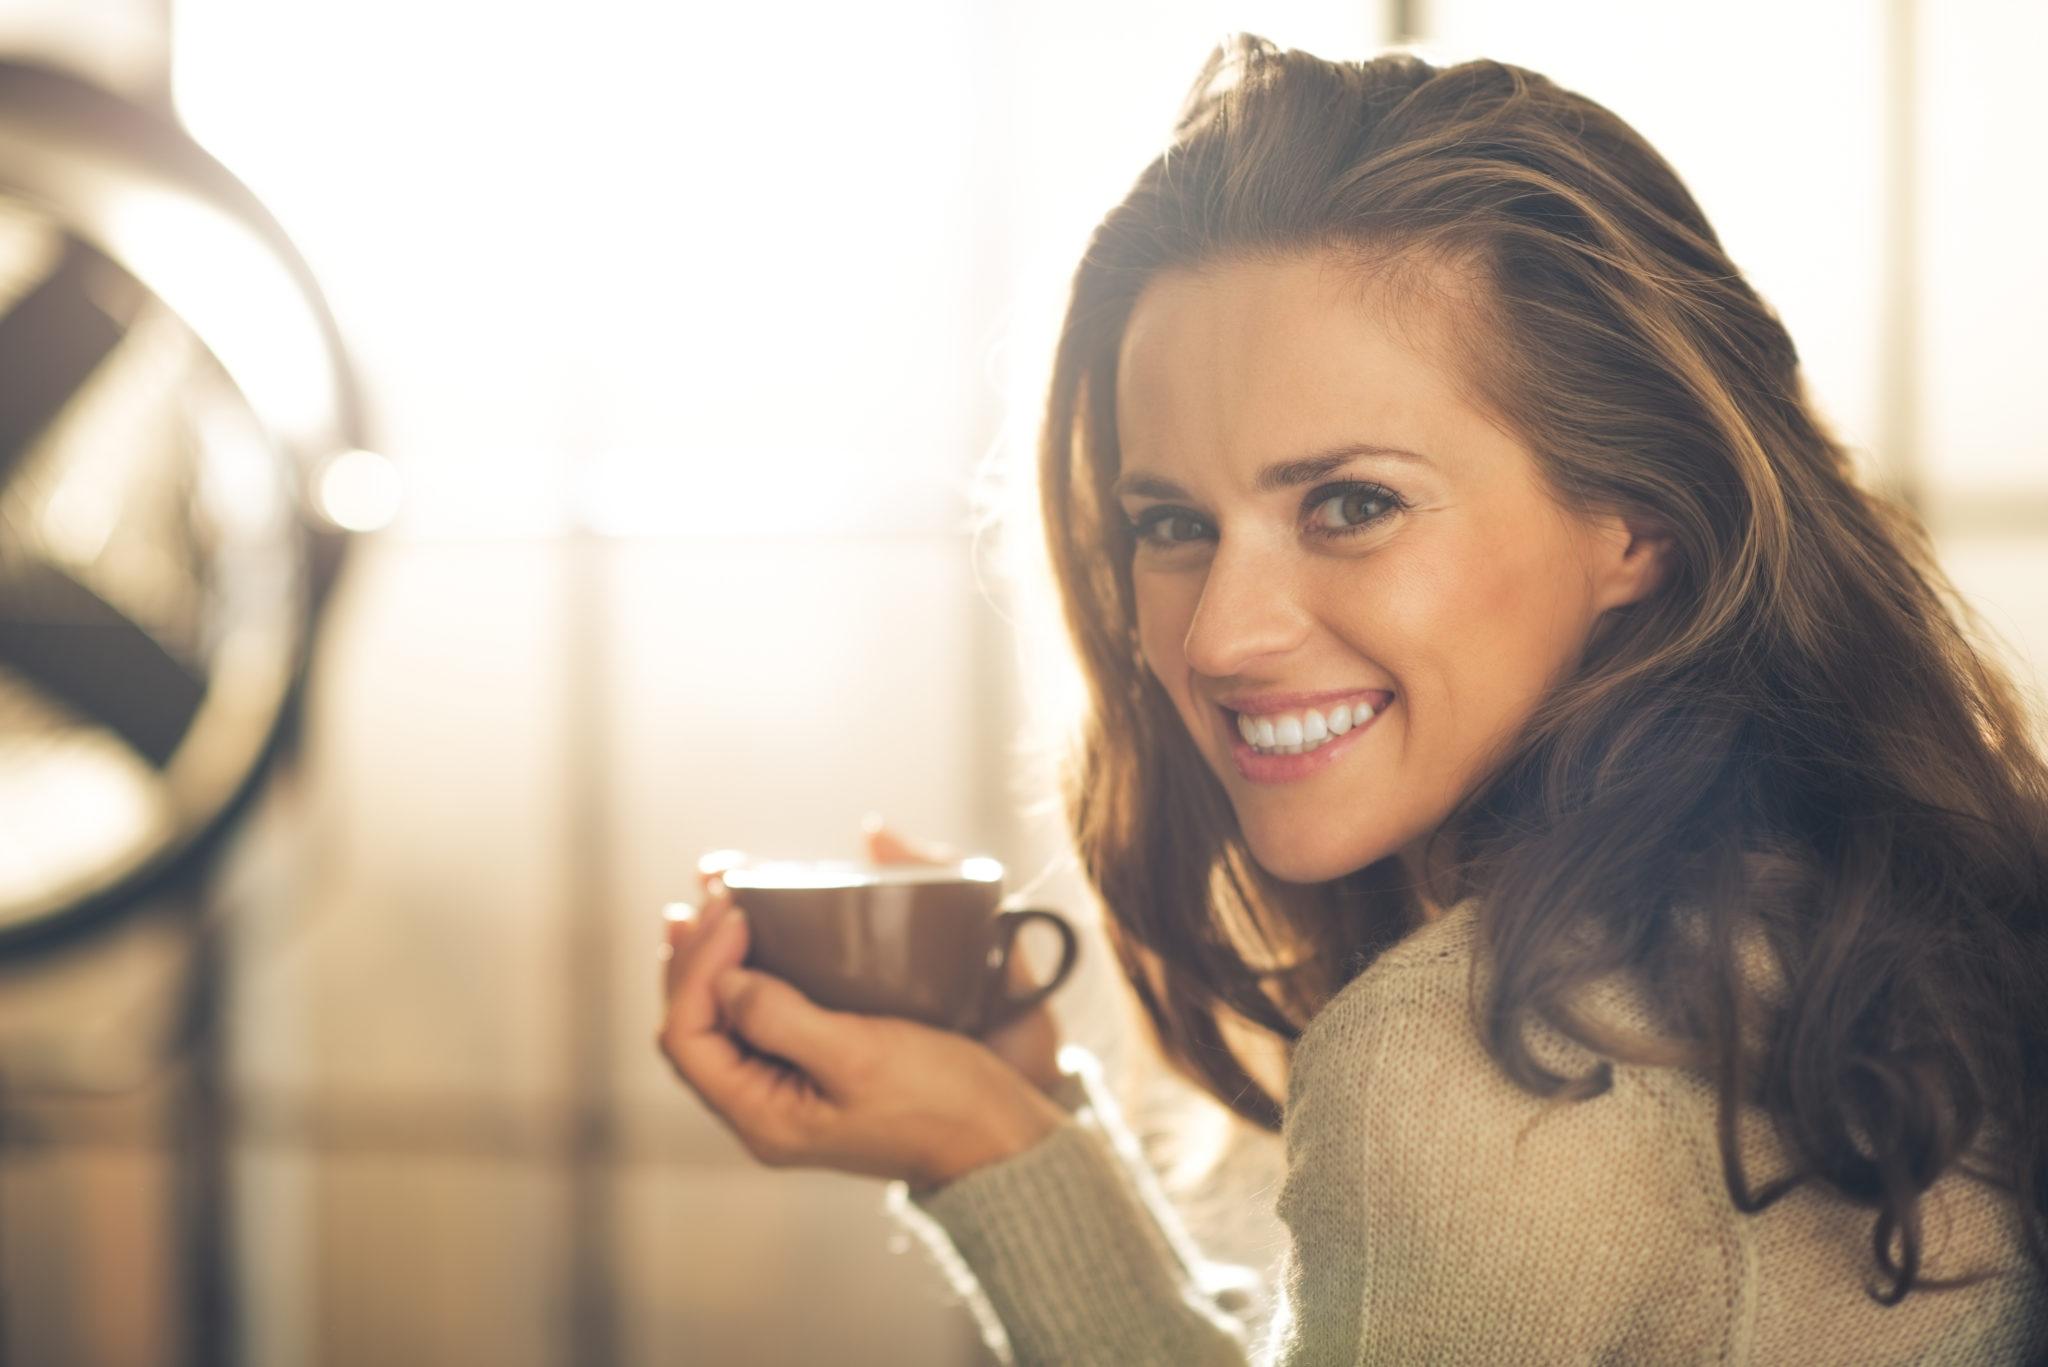 Femme buvant un café dans un mug